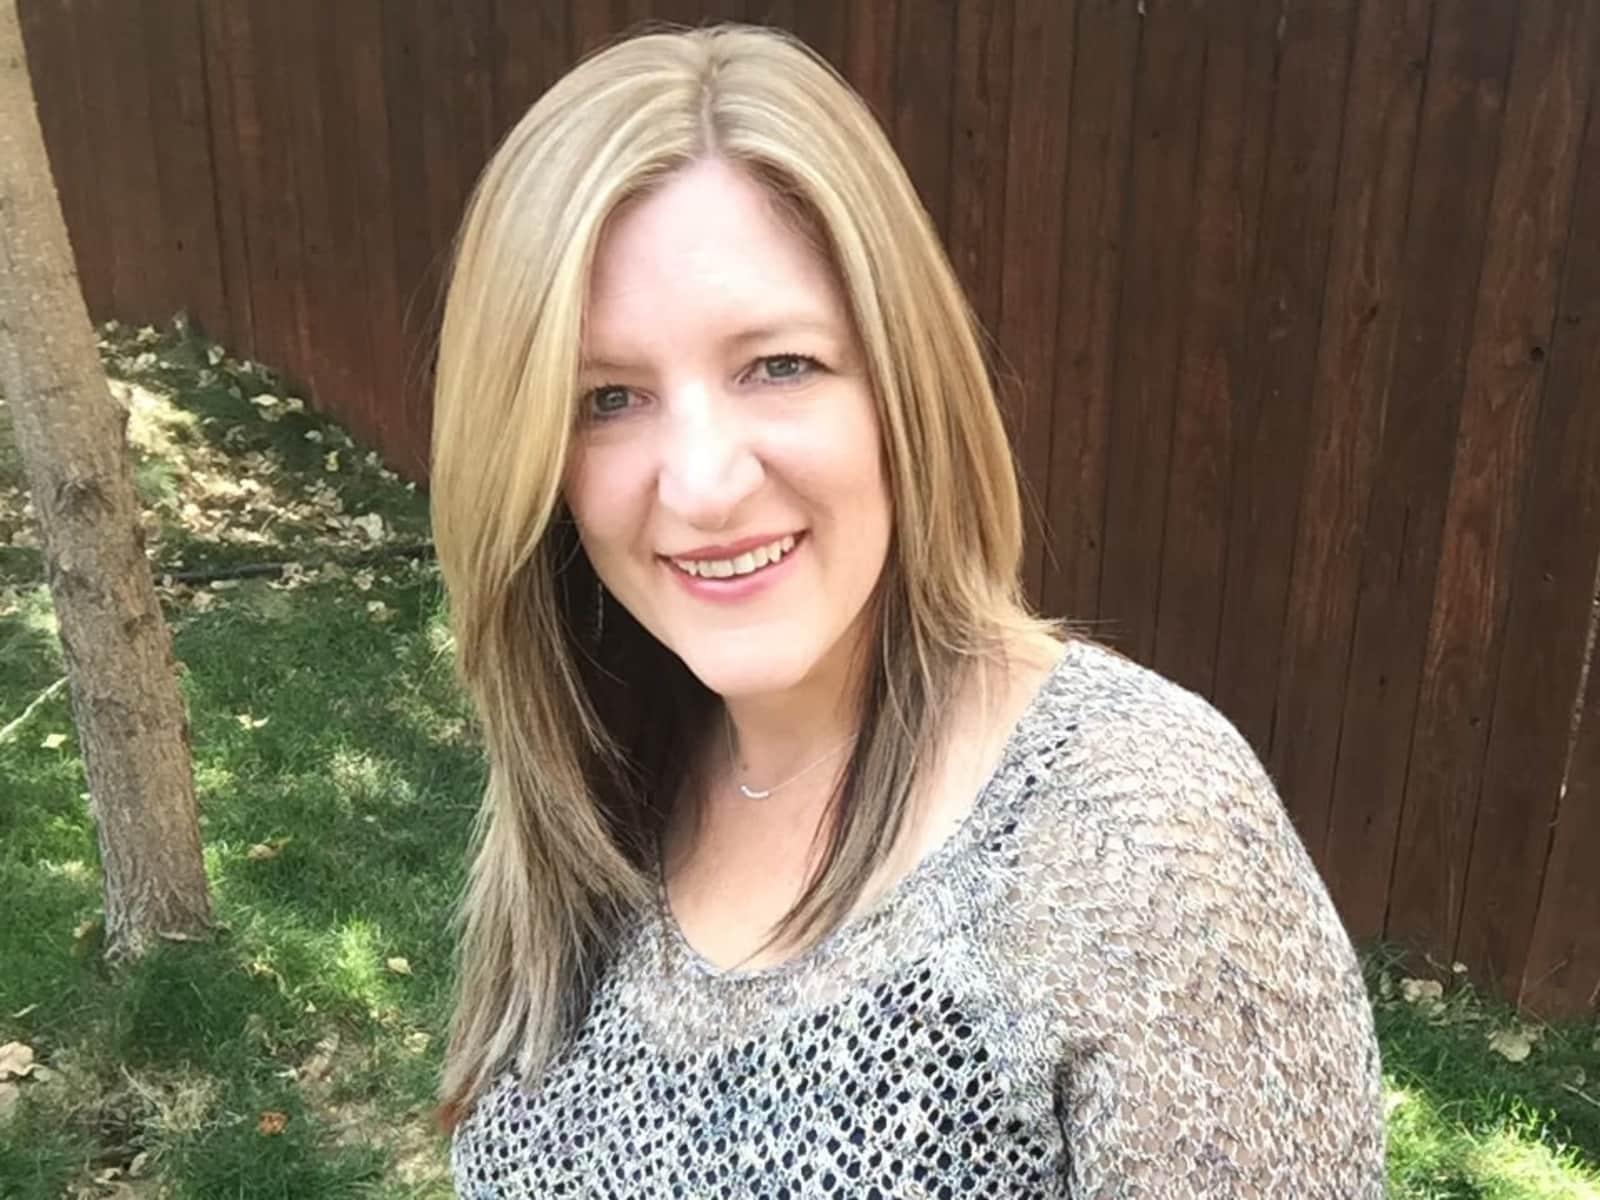 Erin from Boise, Idaho, United States